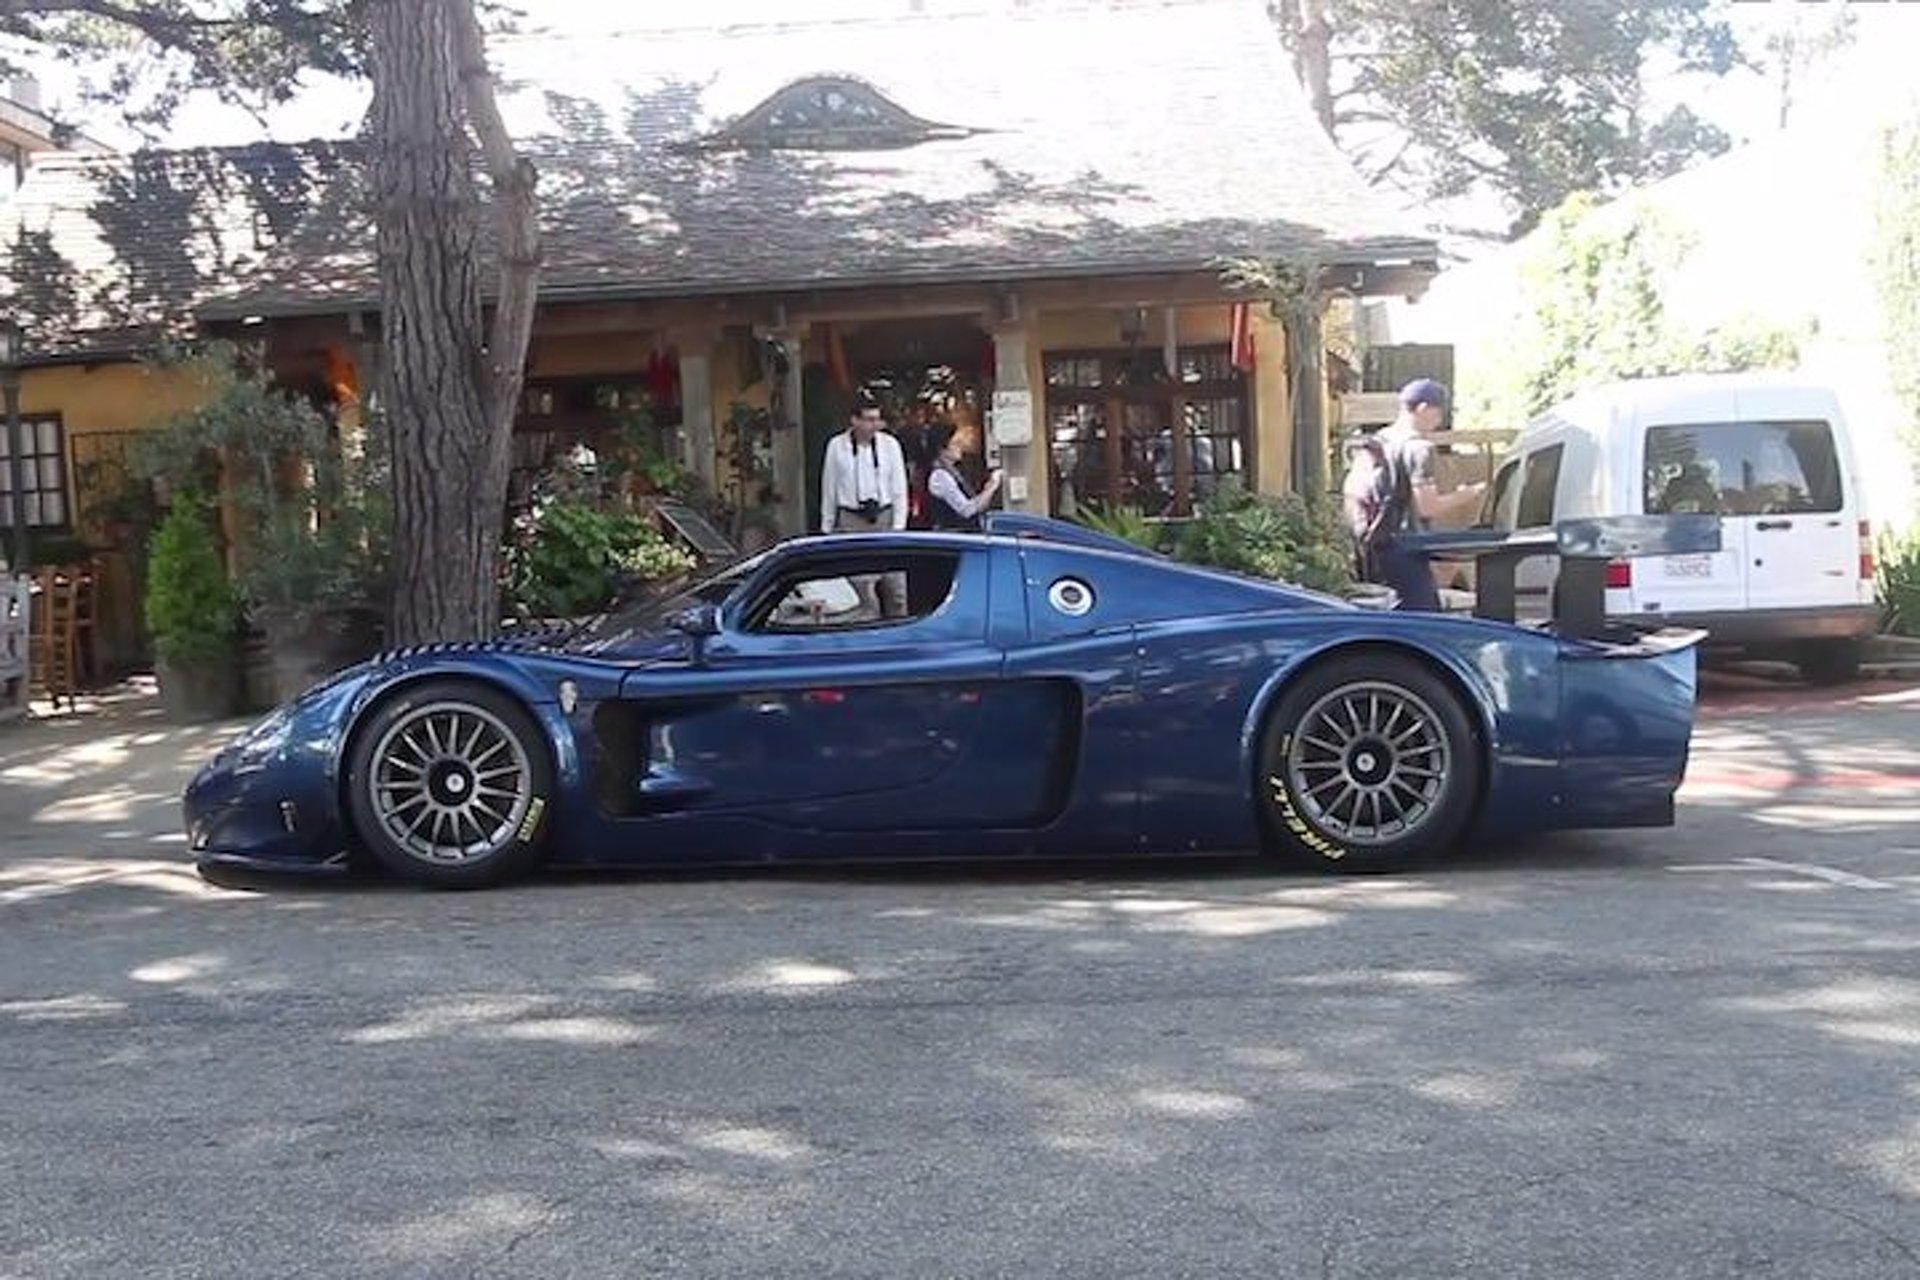 Maserati MC12 Looks Stunning on the Street